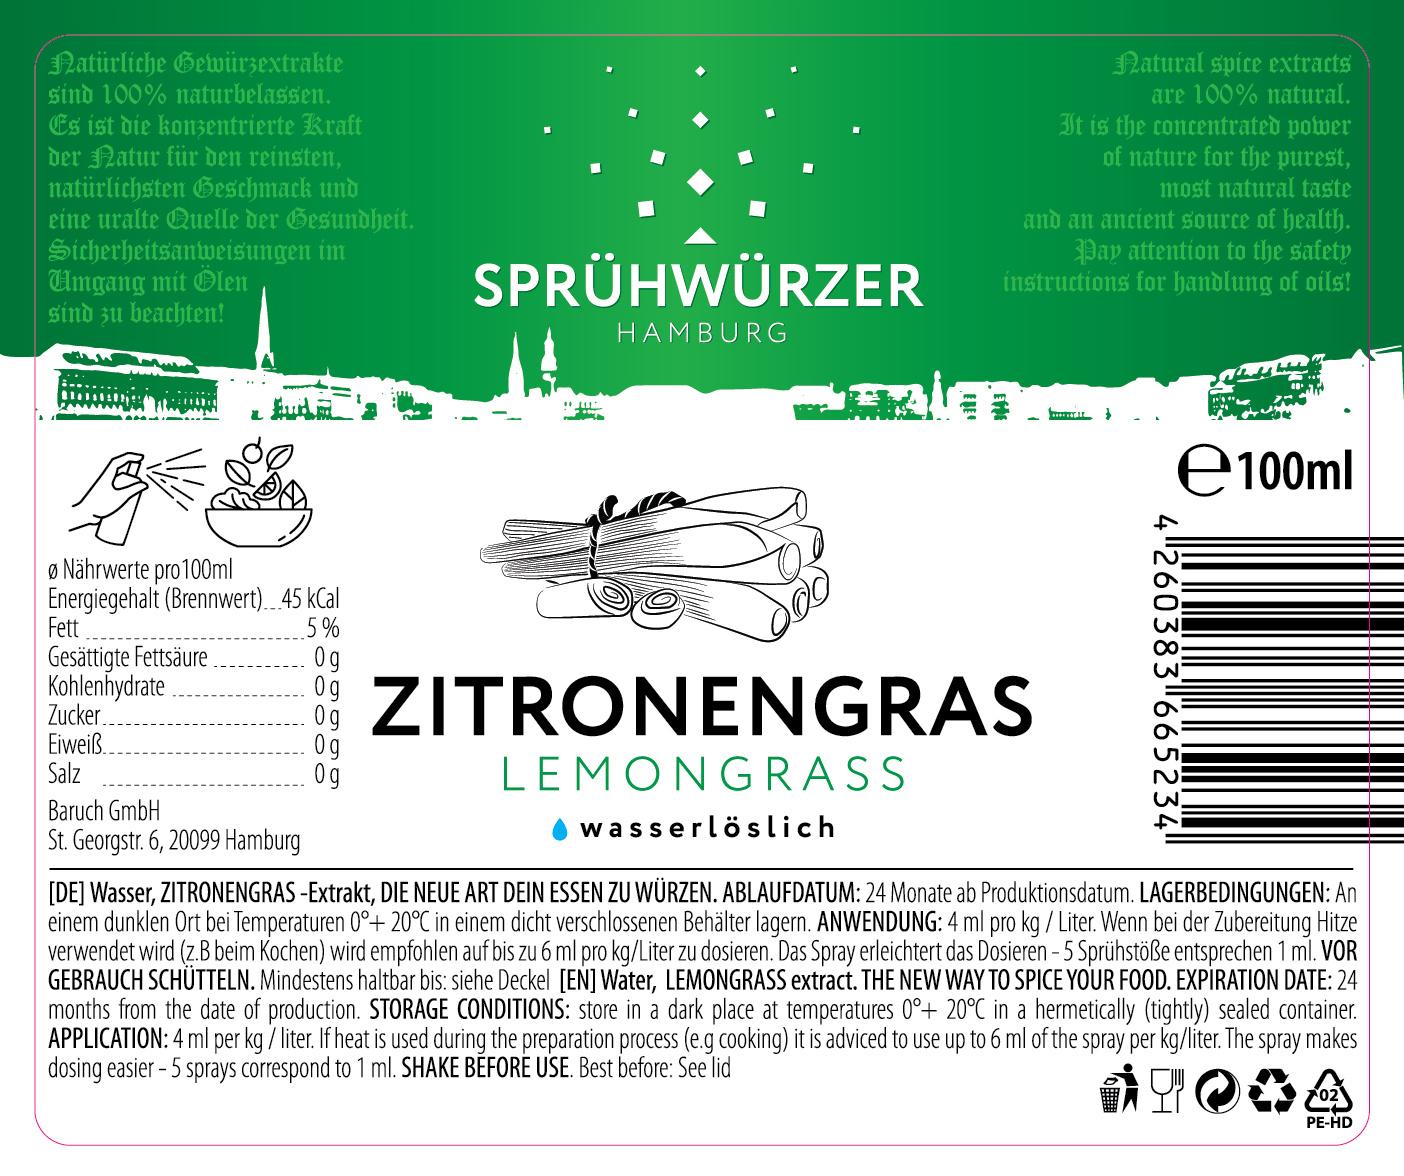 Zitronengras-Extrakt 100ml